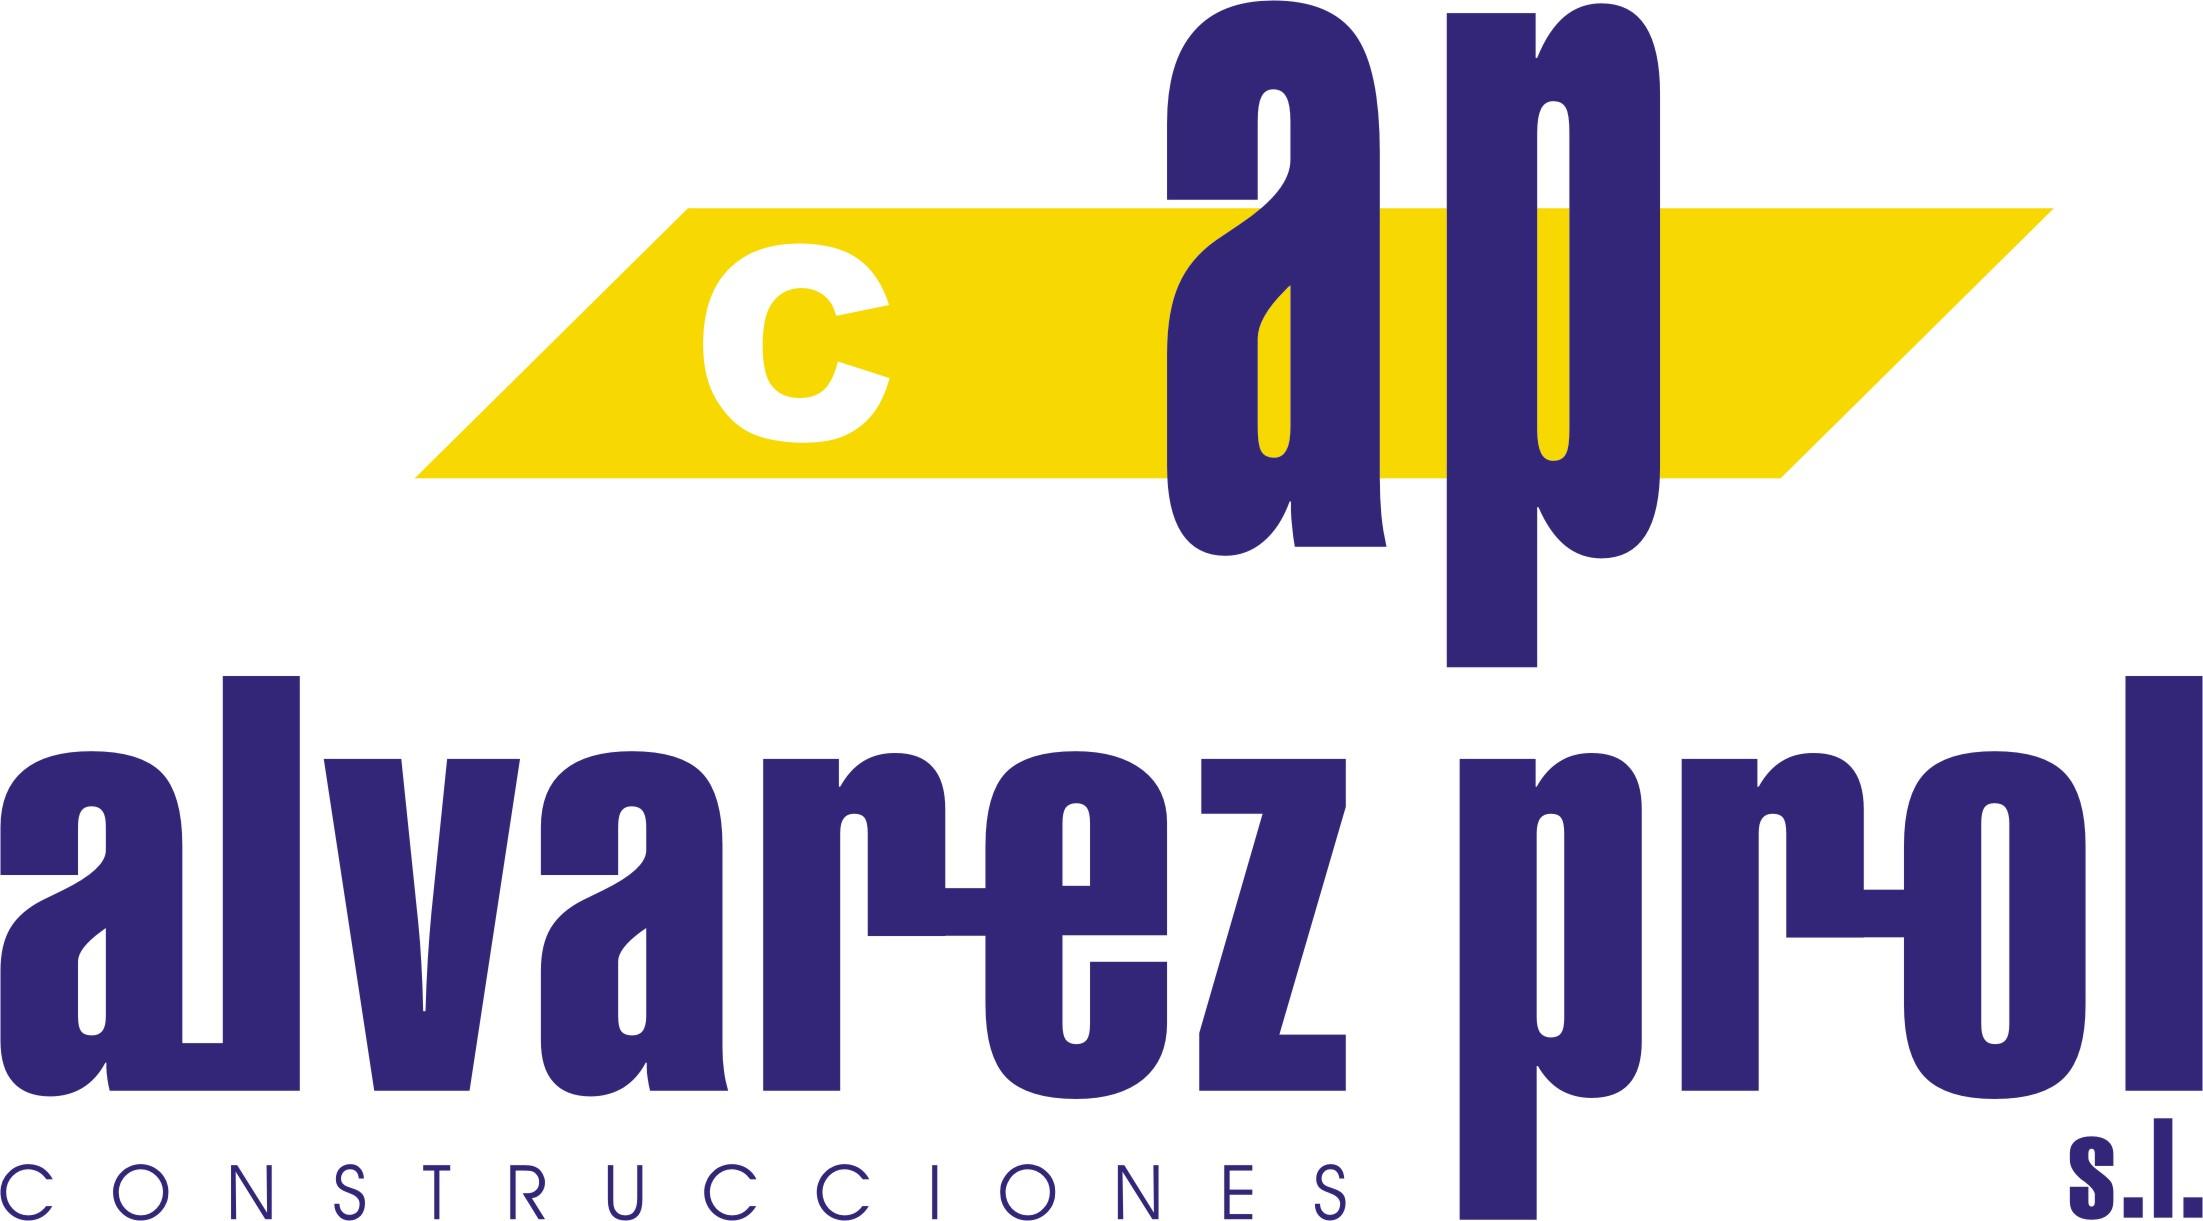 Construcciones álvarez Prol